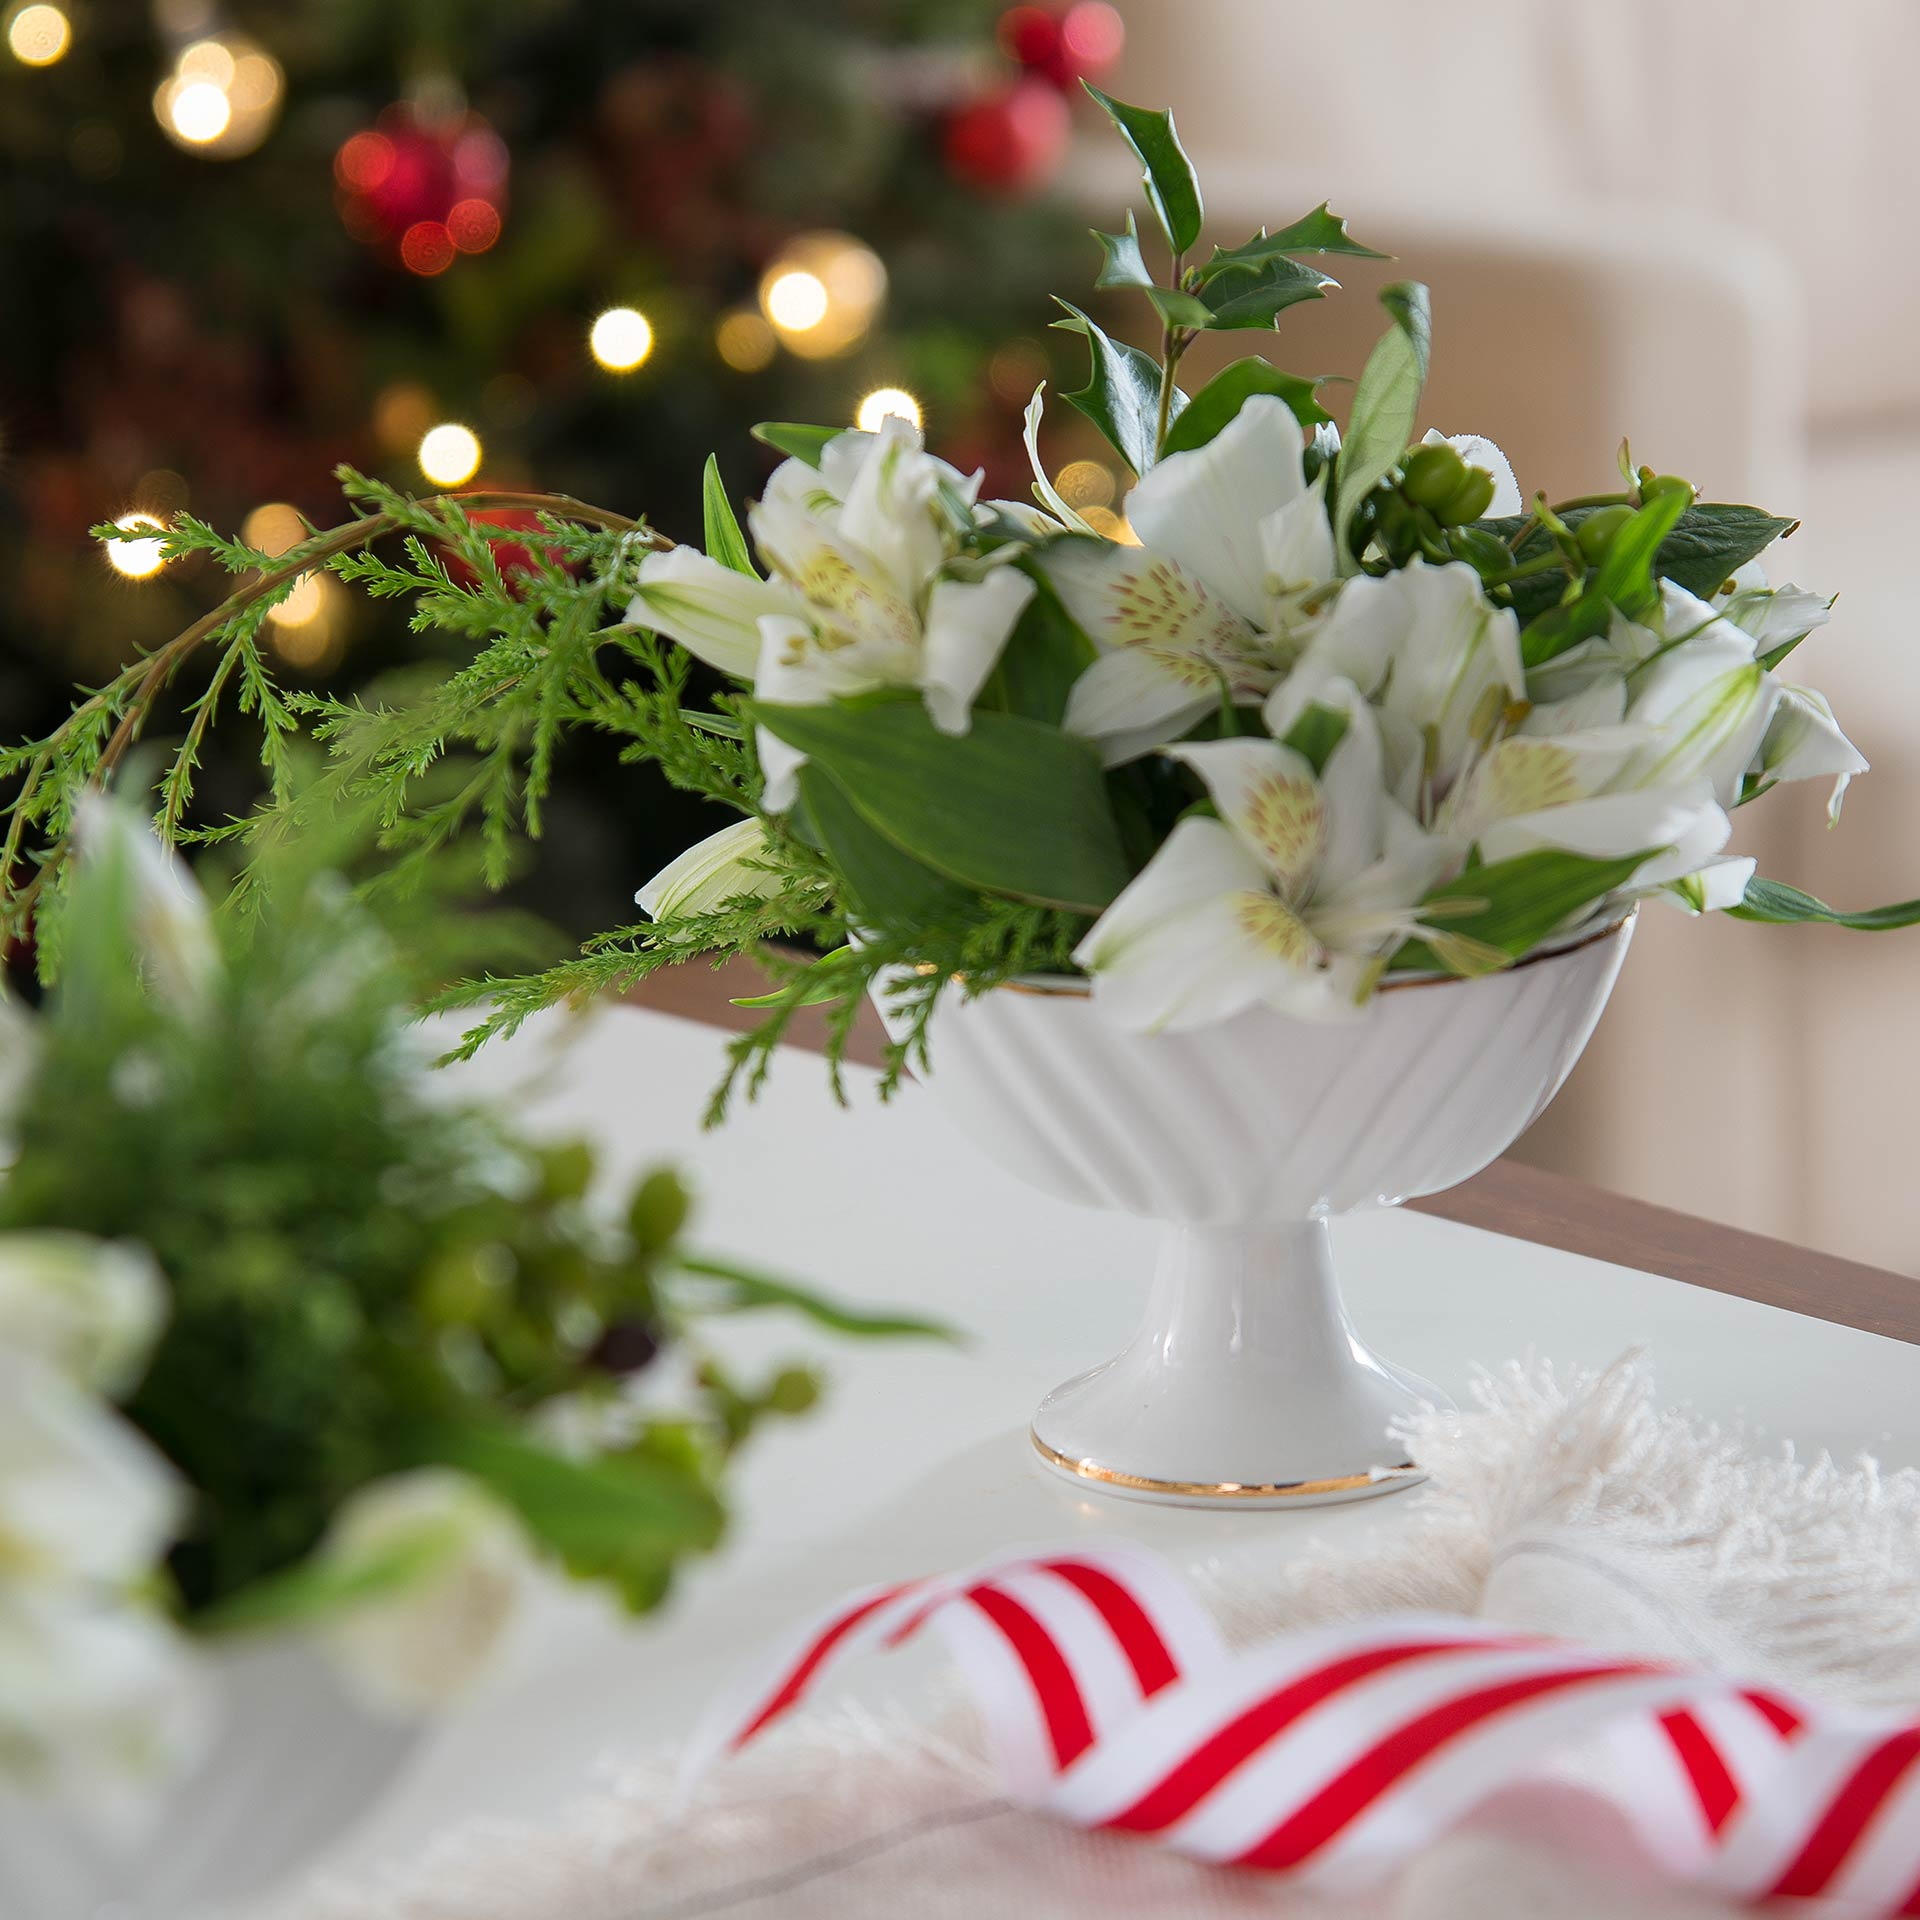 Imagem: Lindo e delicado arranjo de Natal feito pela Claudia Pixu numa taça de sobremesa de porcelana. Foto: Cacá Bratke.